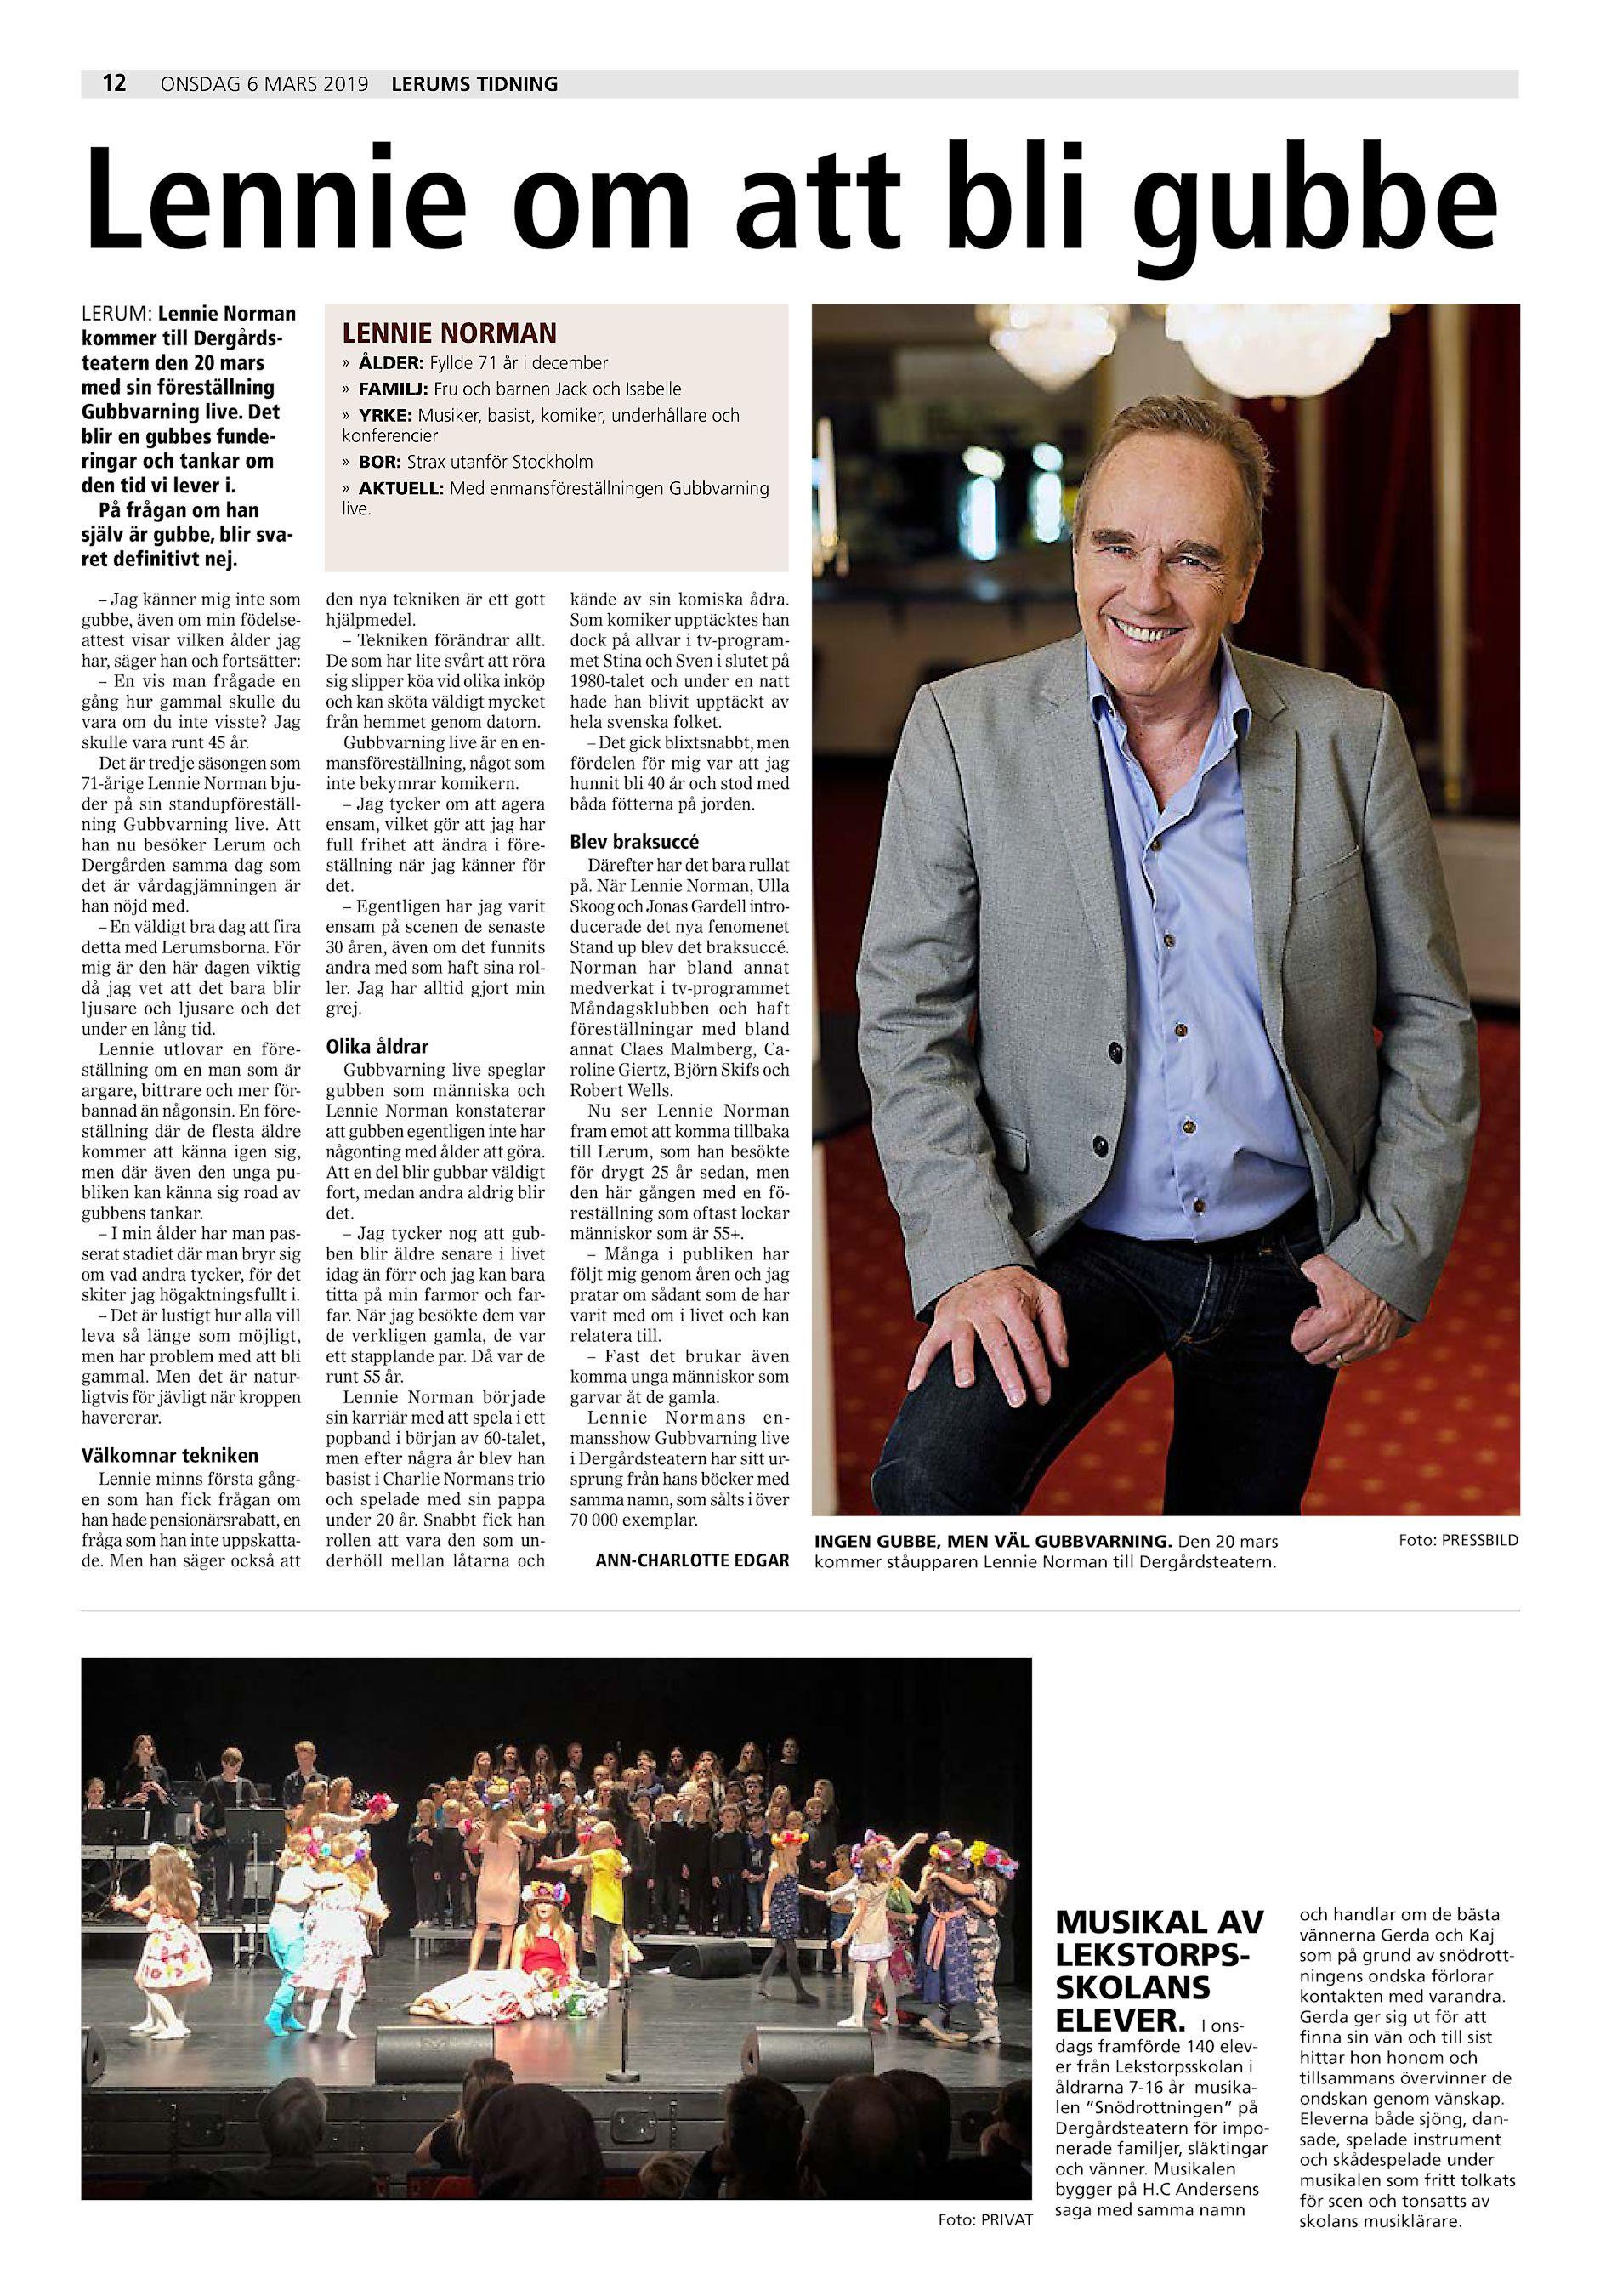 fe3f9c7d0 12 onsdag 6 mars 2019 Lerums Tidning Lennie om att bli gubbe LERUM: Lennie  Norman kommer till Dergårdsteatern den 20 mars med sin föreställning  Gubbvarning ...